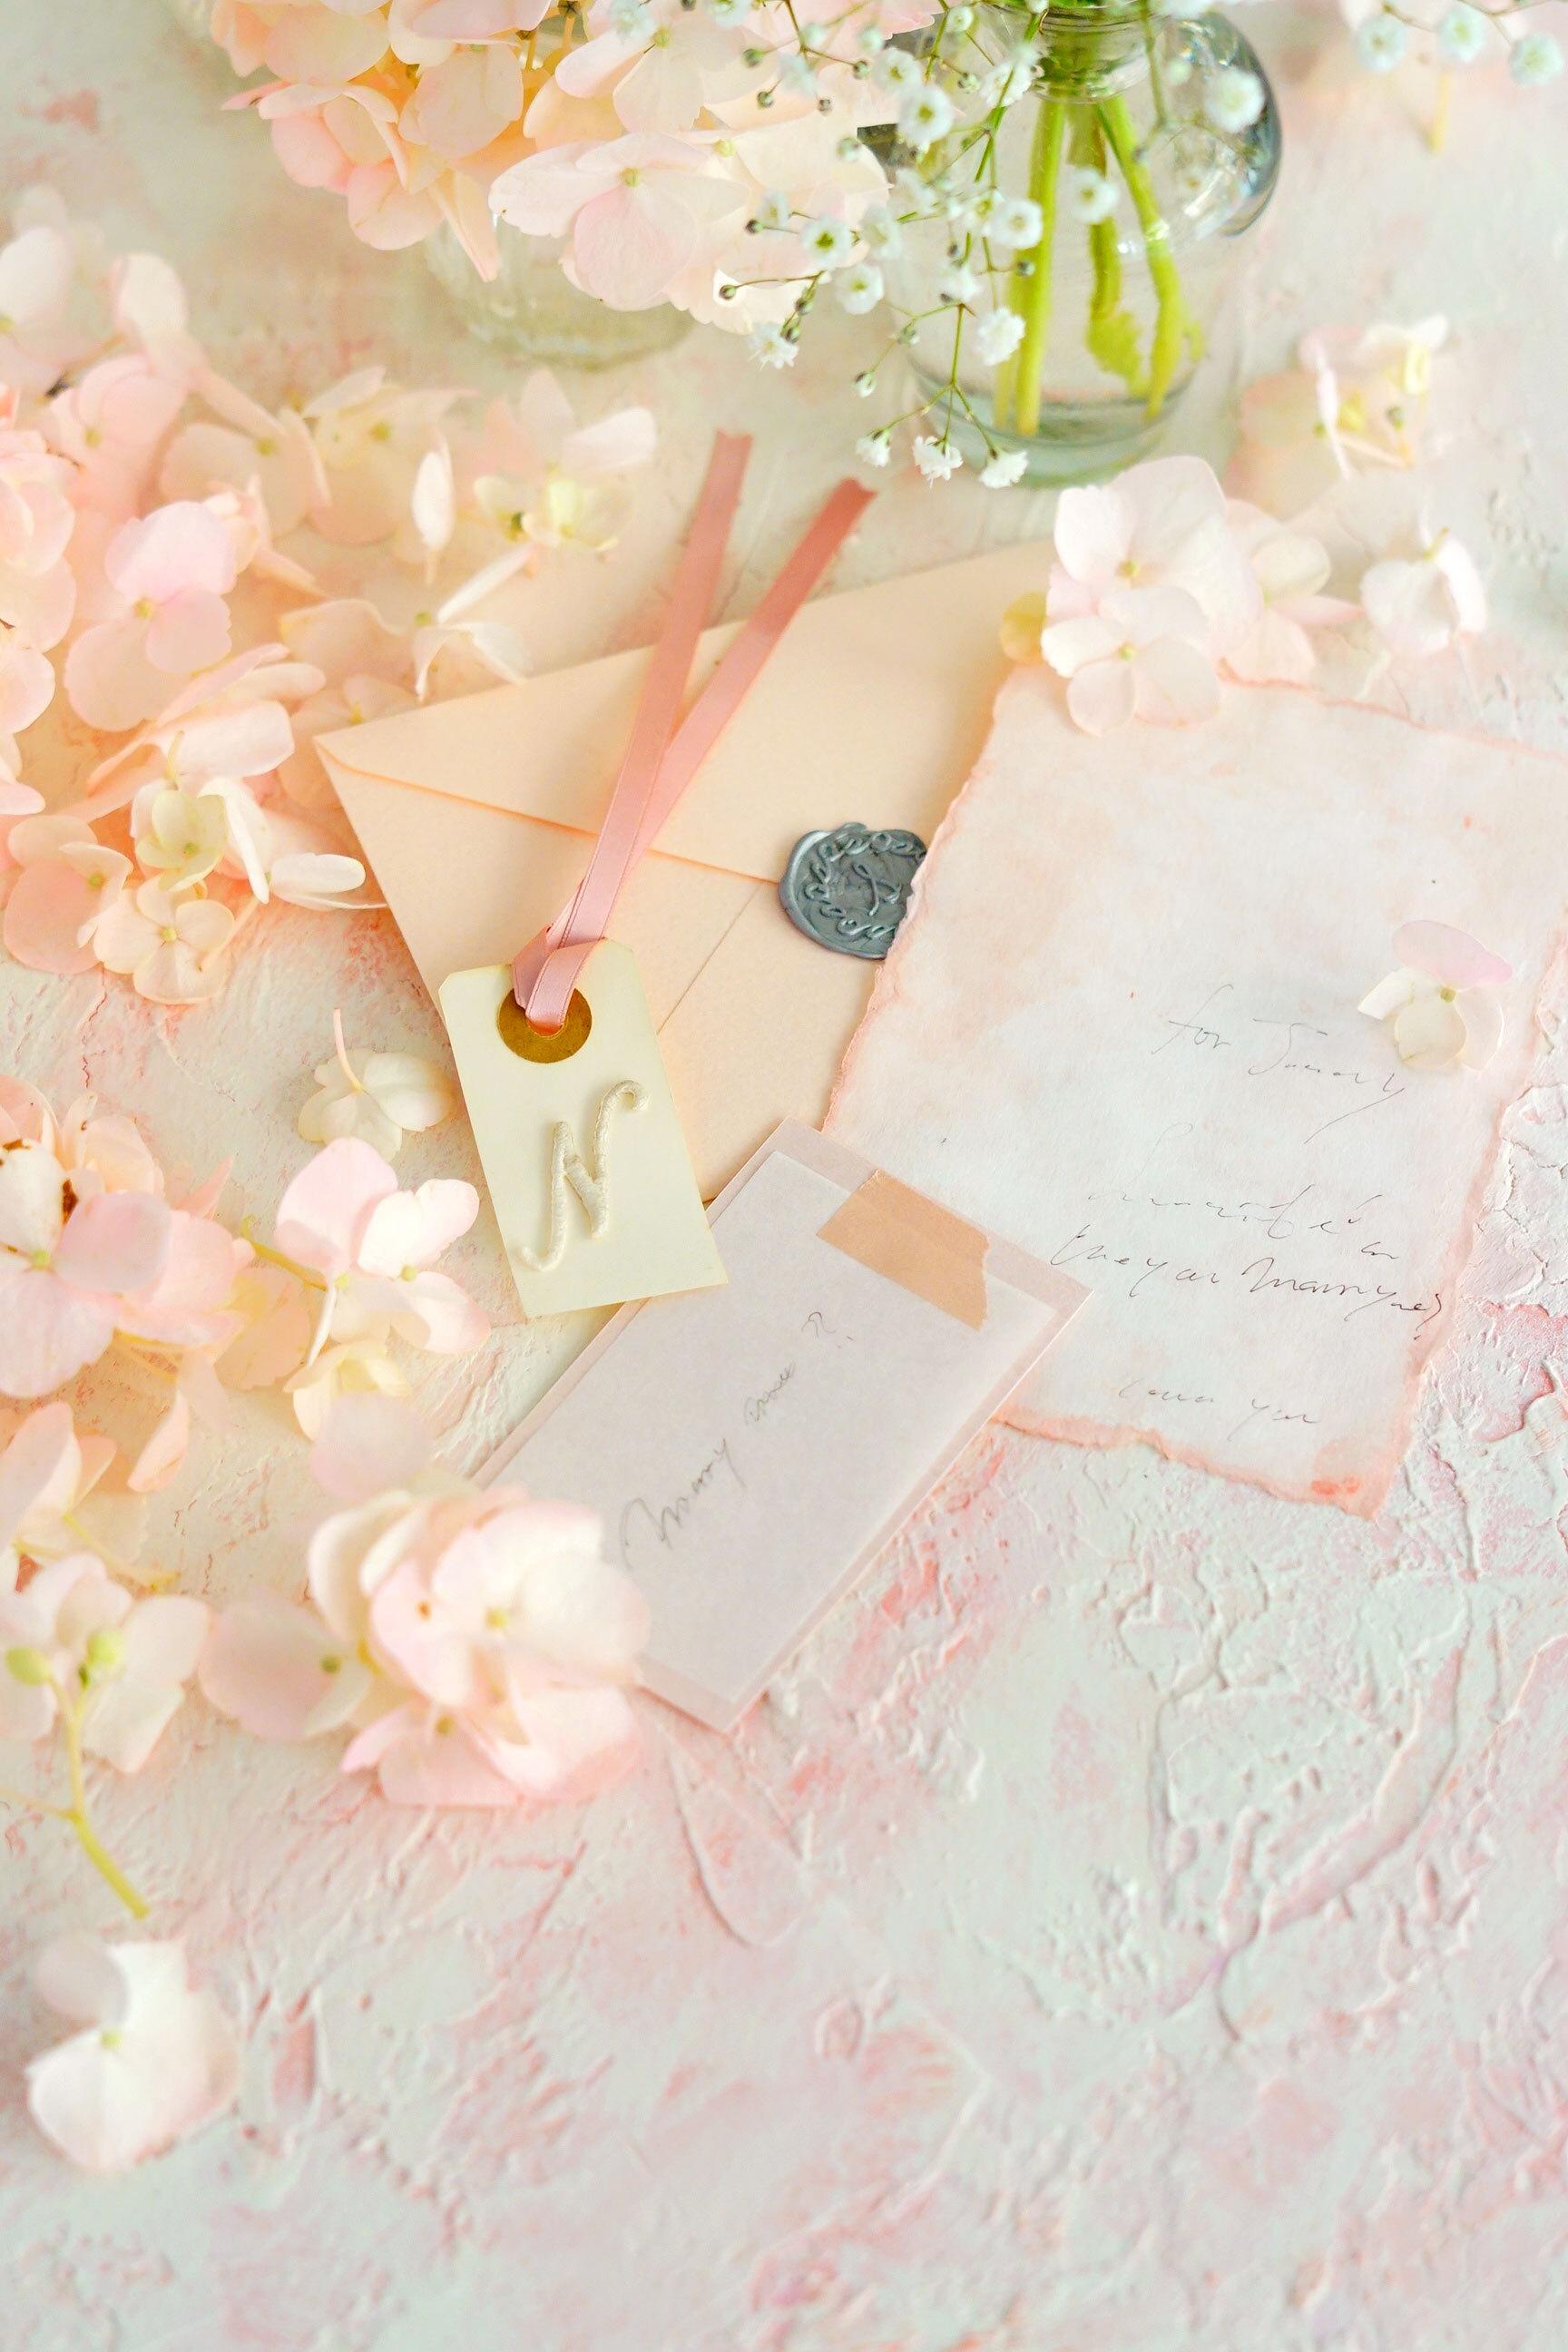 60サイズ:ストックピンク「花香」を感じる5種の淡い色のスタイリングボード